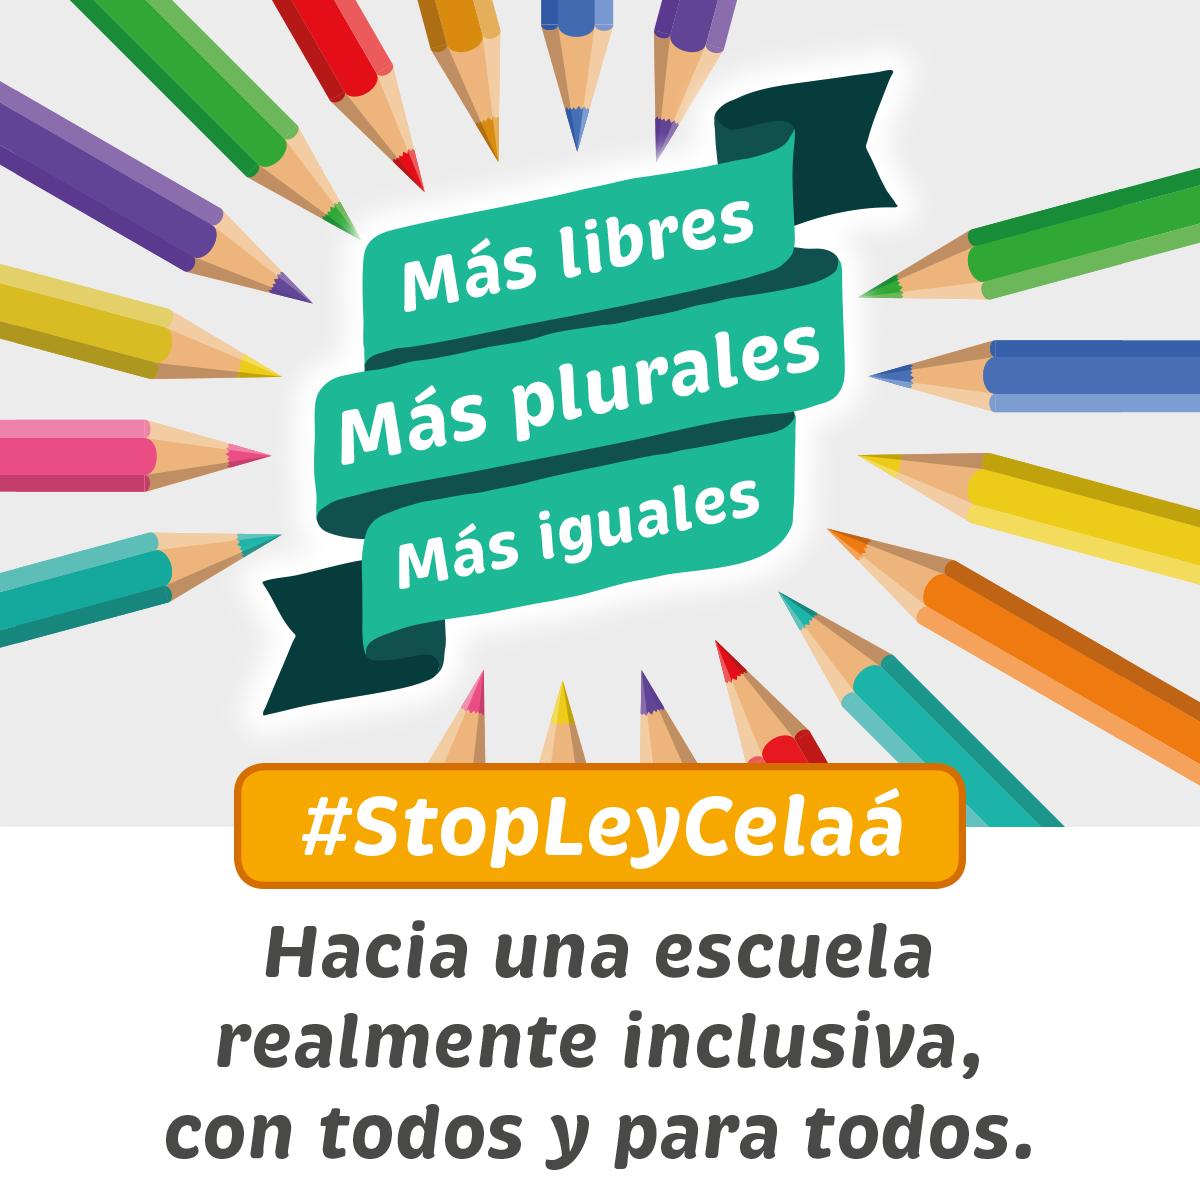 Manifiesto @MasPlurales. No a la Ley Celaá